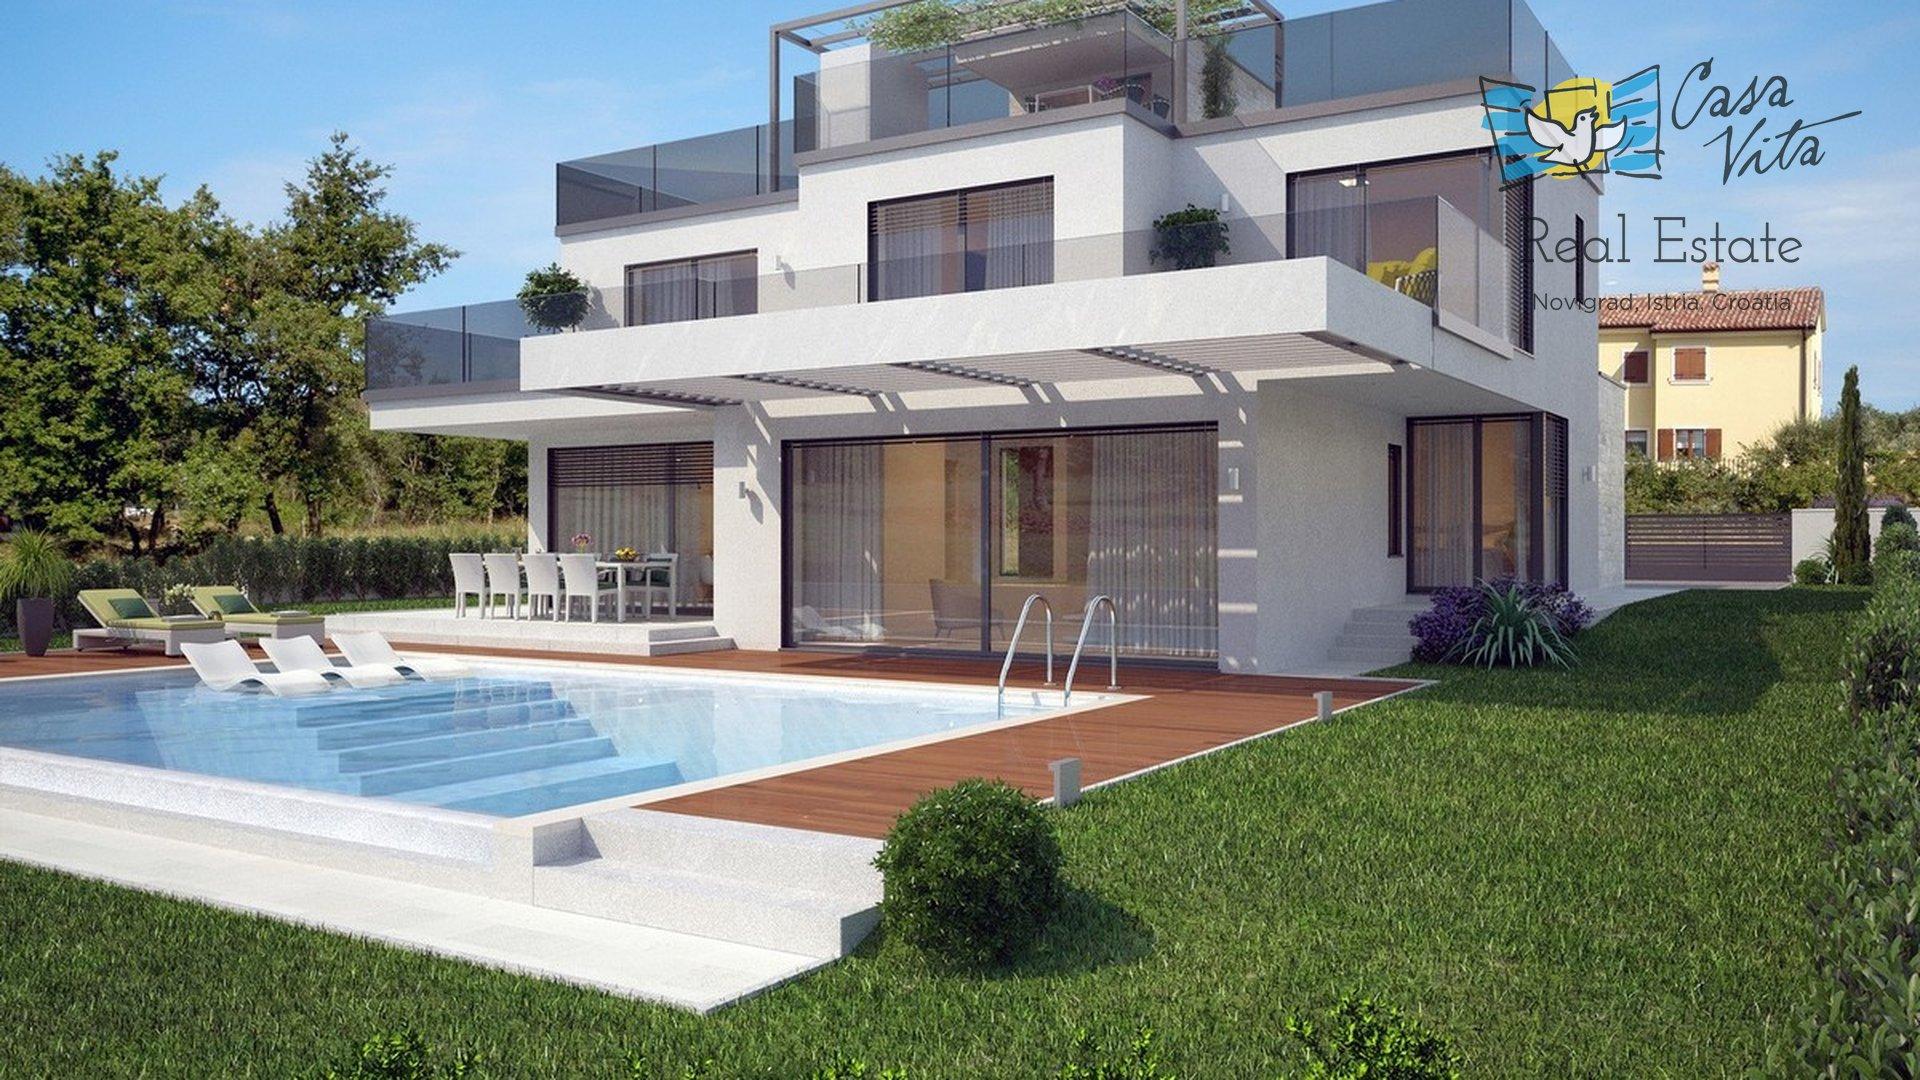 Zum Verkauf steht eine wunderschöne Villa mit moderner Architektur in begehrter Lage, 2 km von Poreč und 1,5 km vom Meer entfernt.